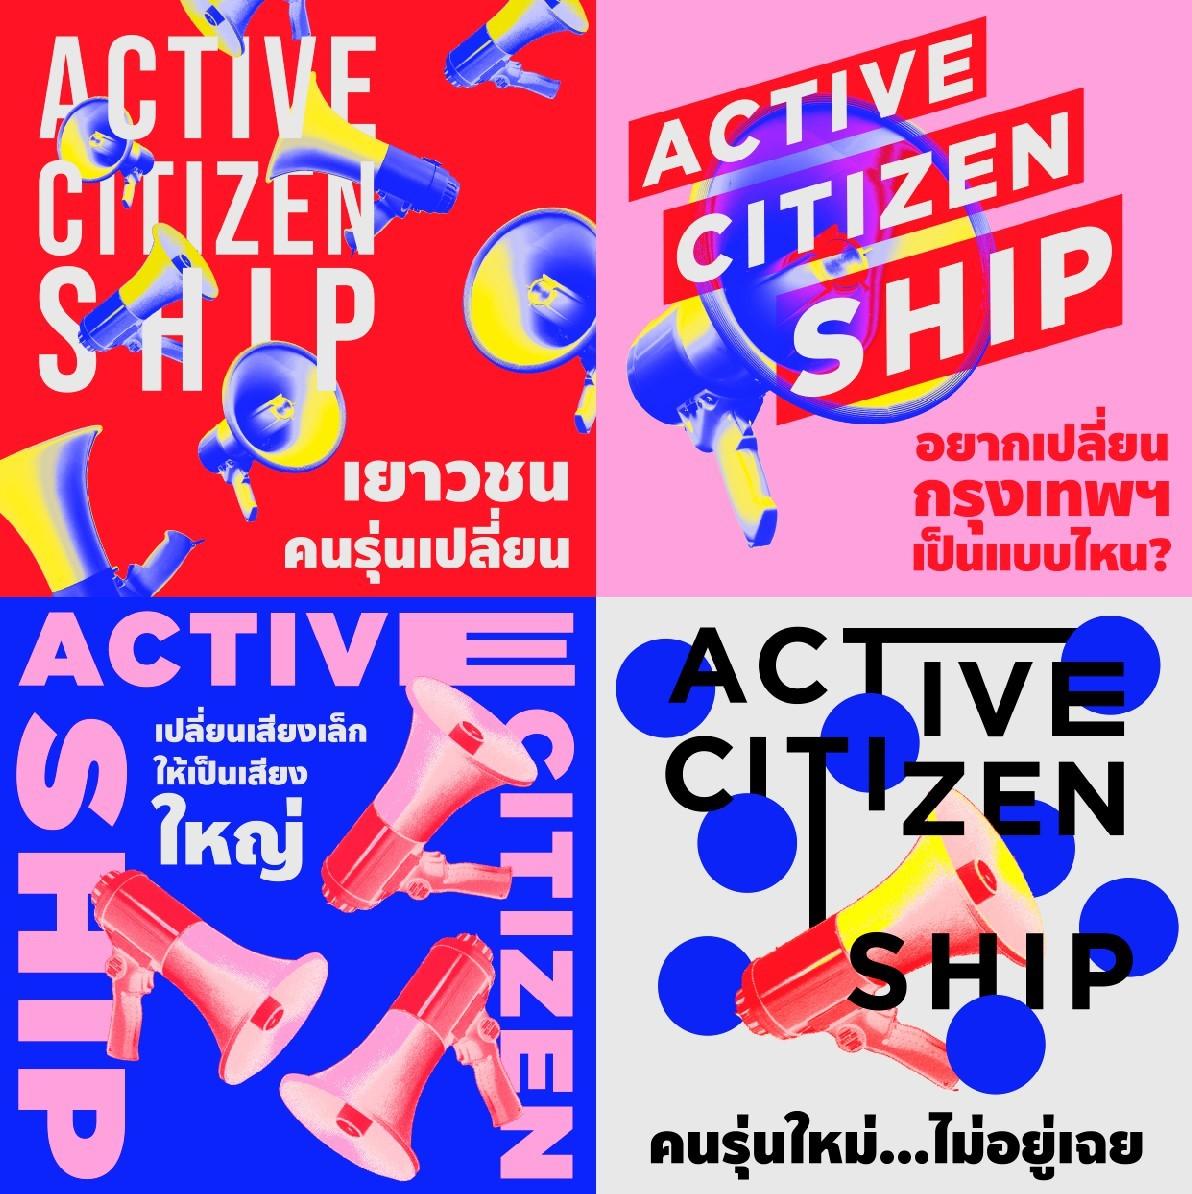 """โครงการ """"Active Citizenship""""เปิดรับนักเรียน นิสิตนักศึกษามาร่วมแชร์มุมมอง""""อยากเปลี่ยนกรุงเทพฯเป็นแบบไหน"""""""